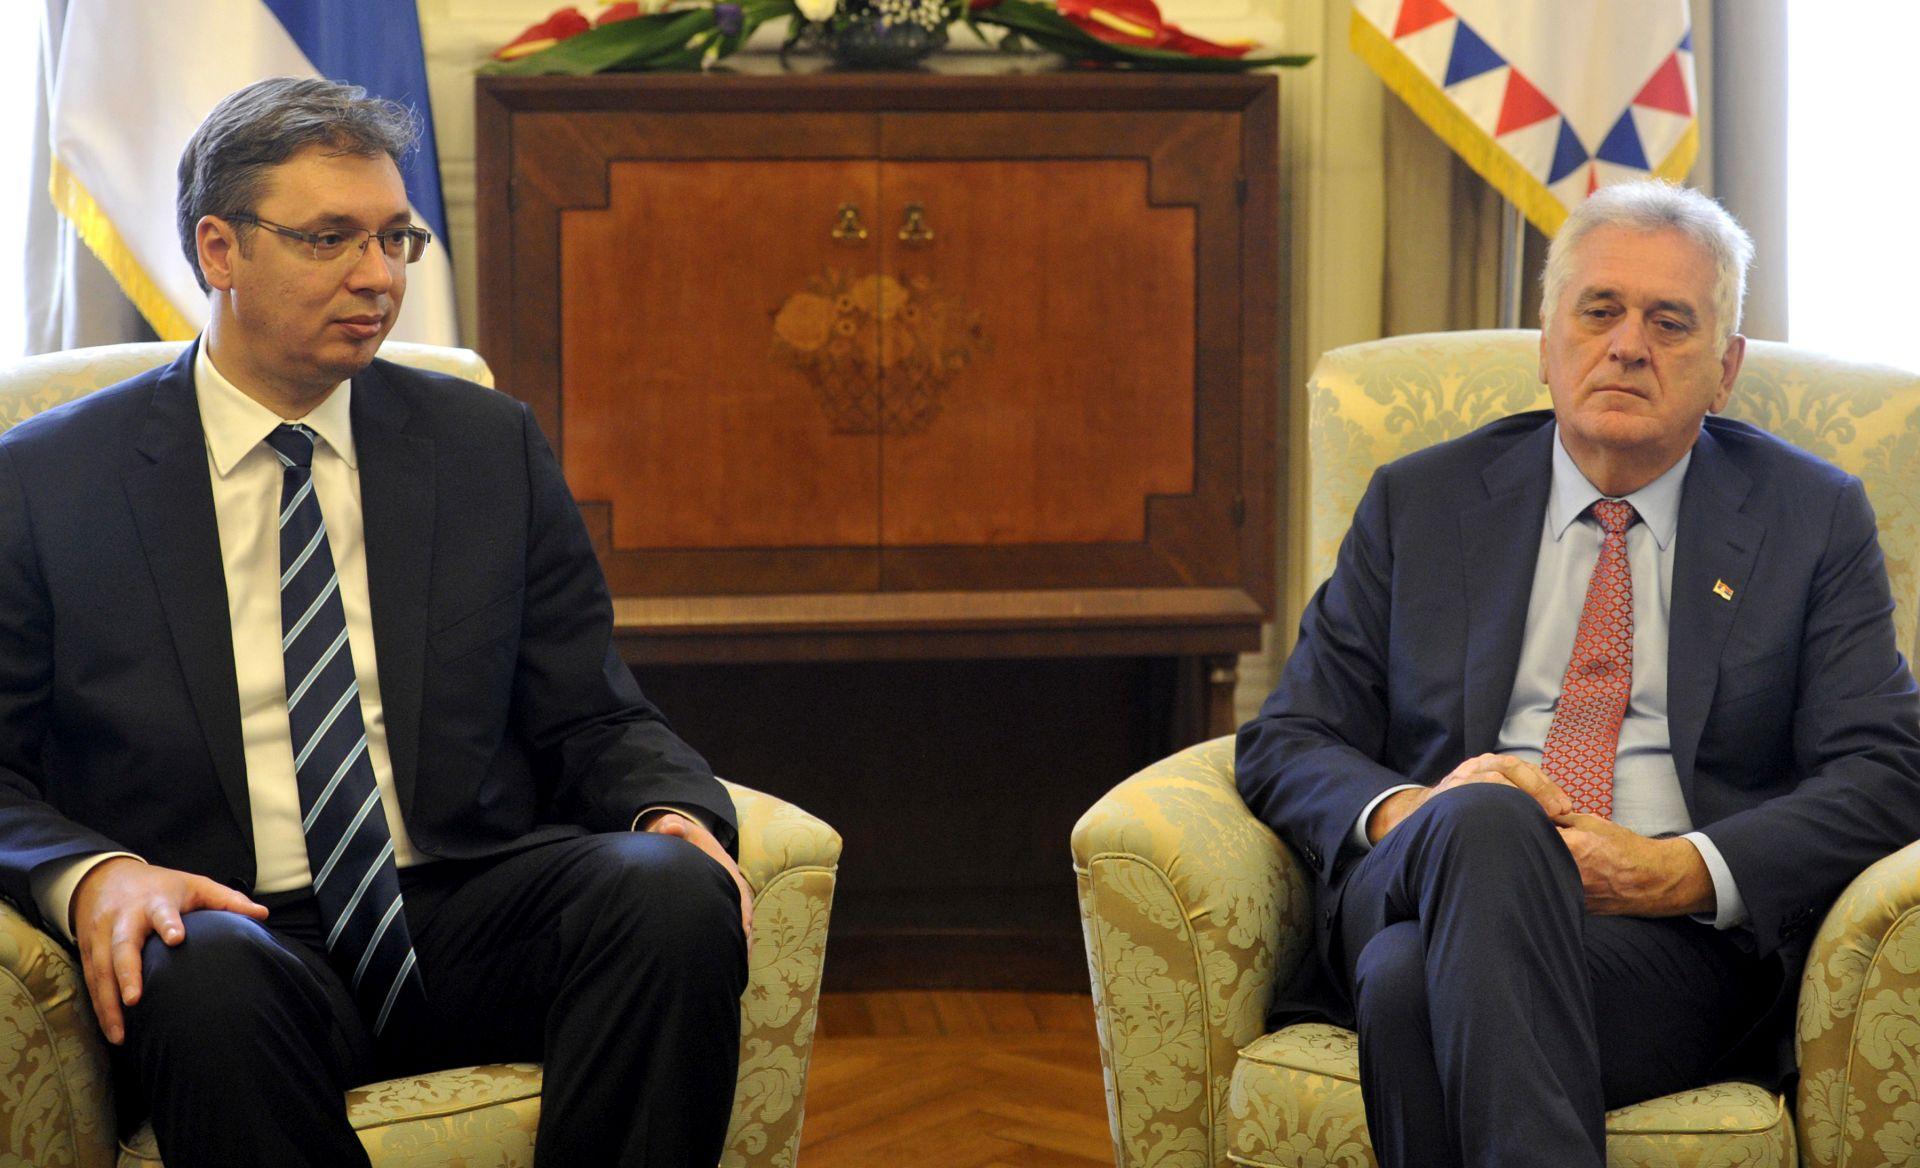 PREGOVORI S PRIŠTINOM: Vučić i Nikolić 1. veljače u Bruxellesu